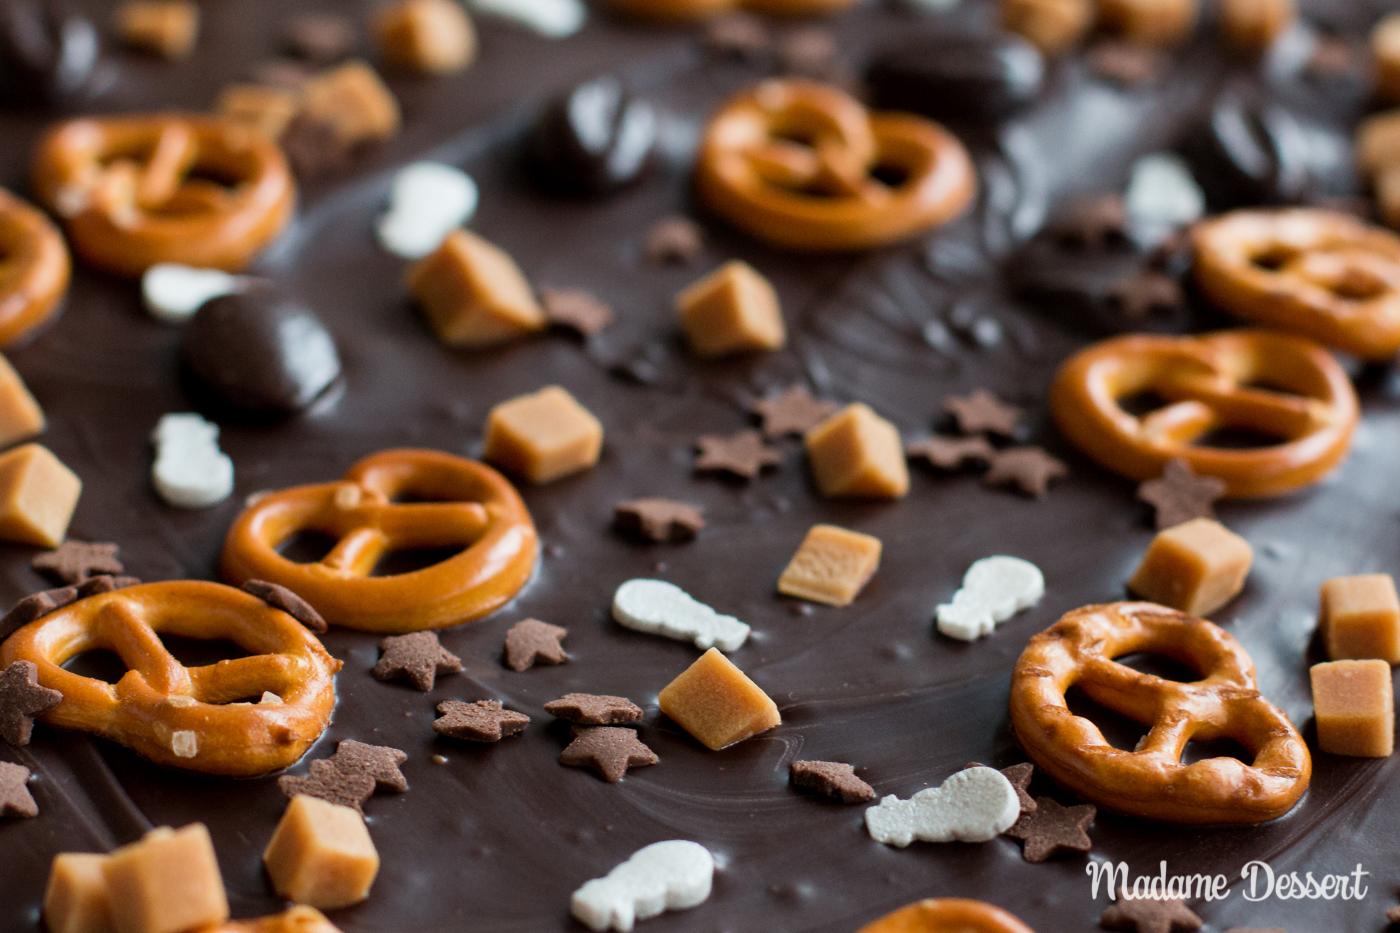 Süße Geschenkidee: Selbstgemachte Bruchschokolade | Madame Dessert